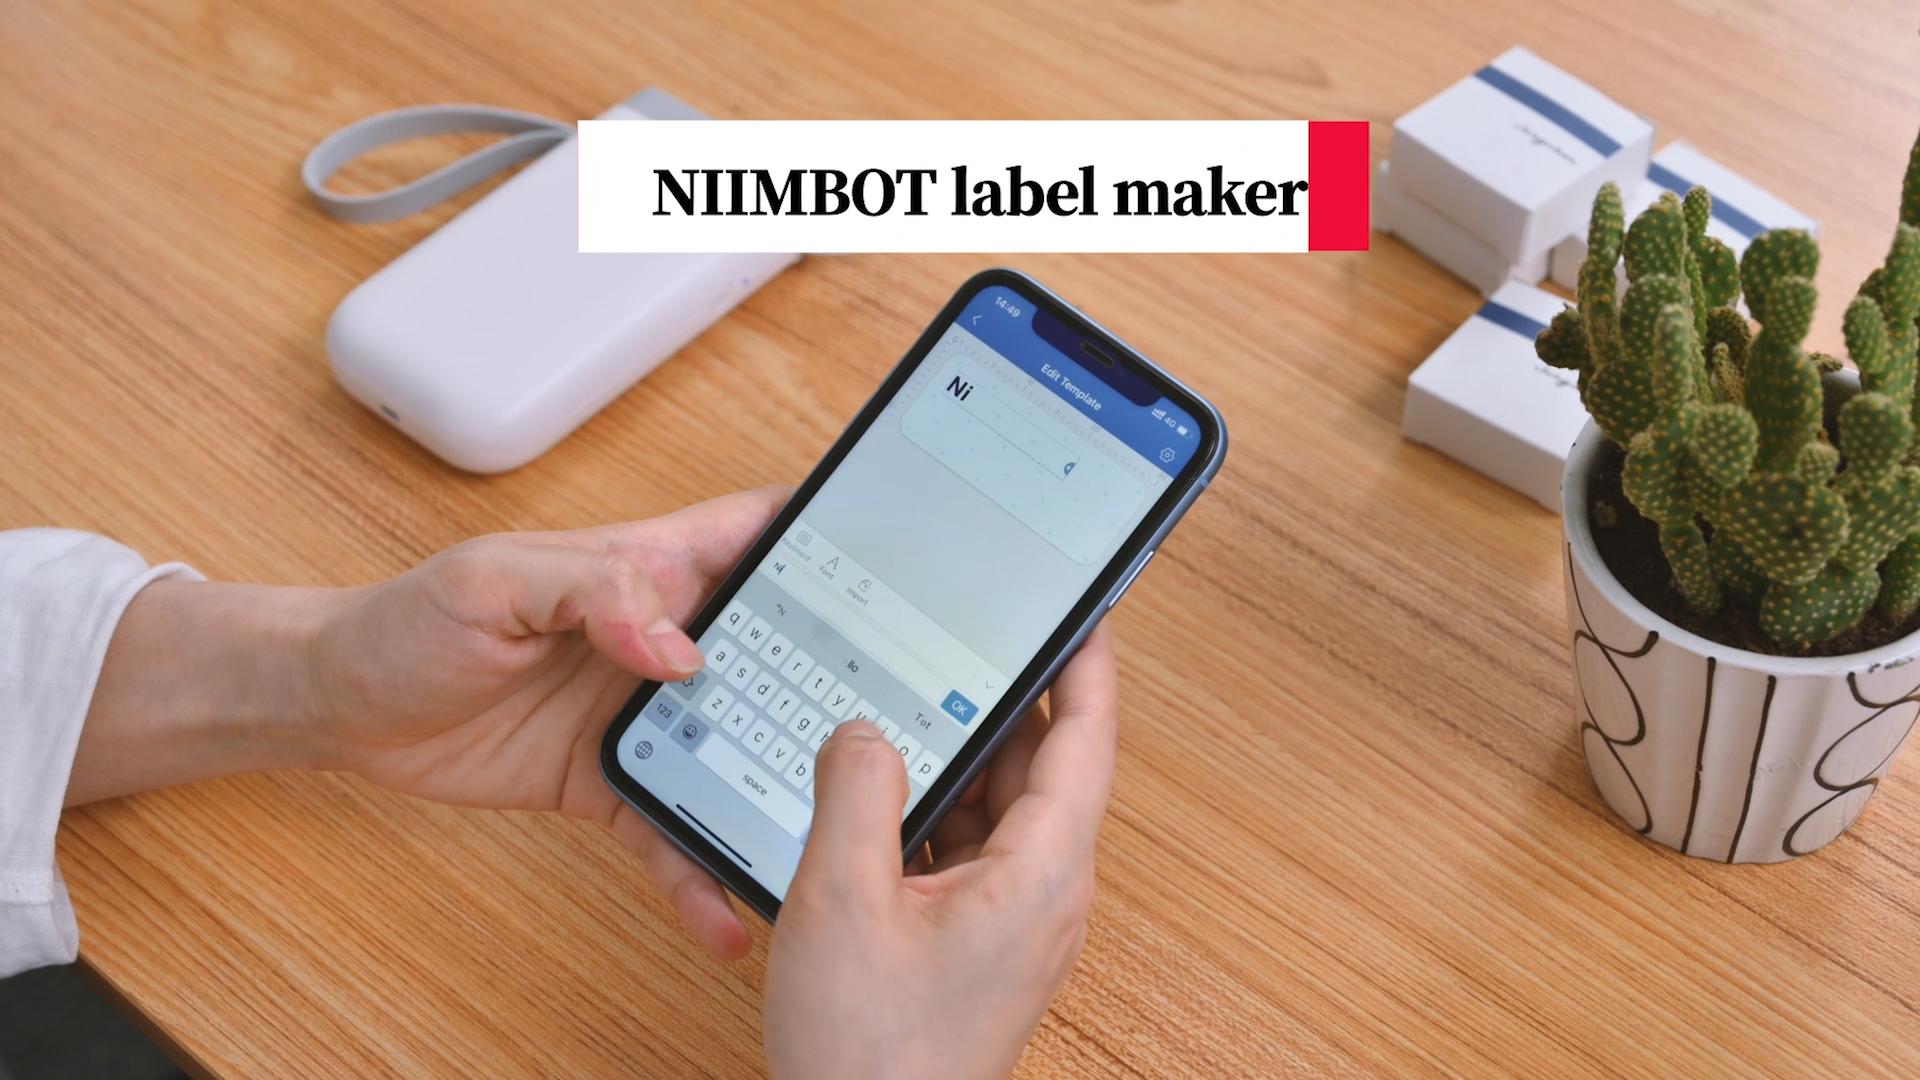 NiiMbot Mesin Printer Label Cerdas, Mesin Printer Label Cerdas Portabel Terhubung dengan Mini